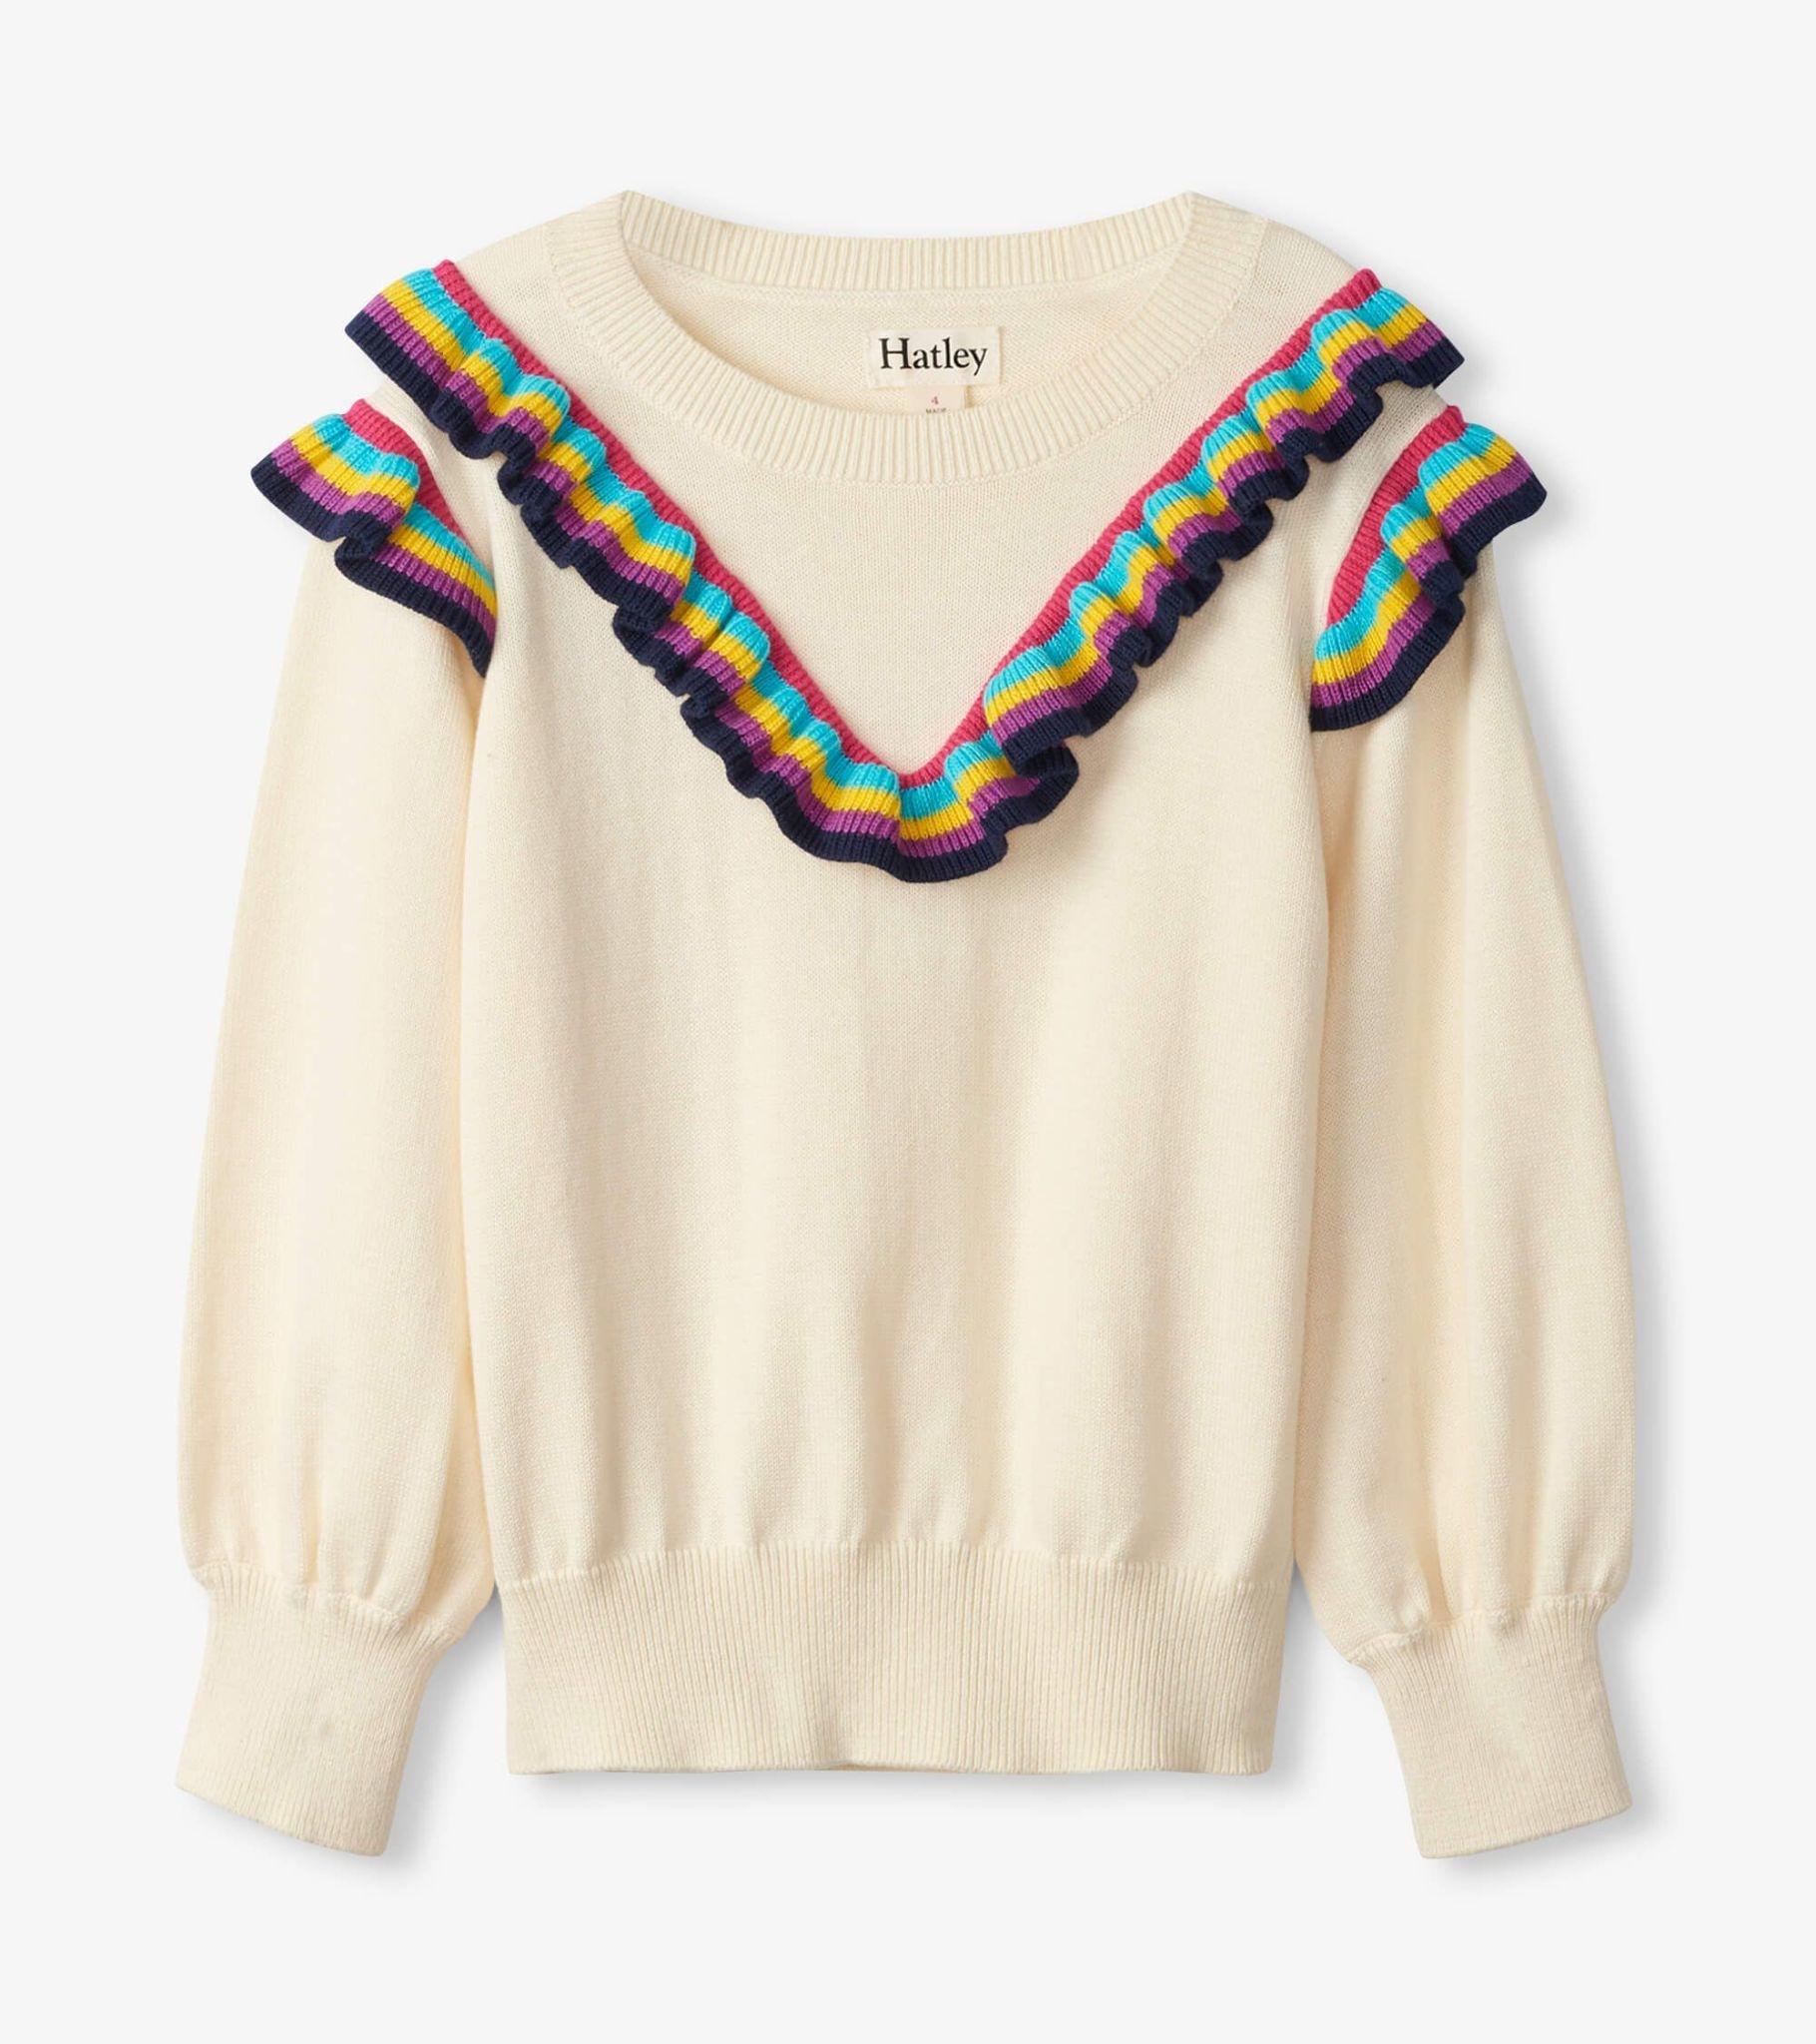 Hatley Hatley Rainbow Ruffle Sweater